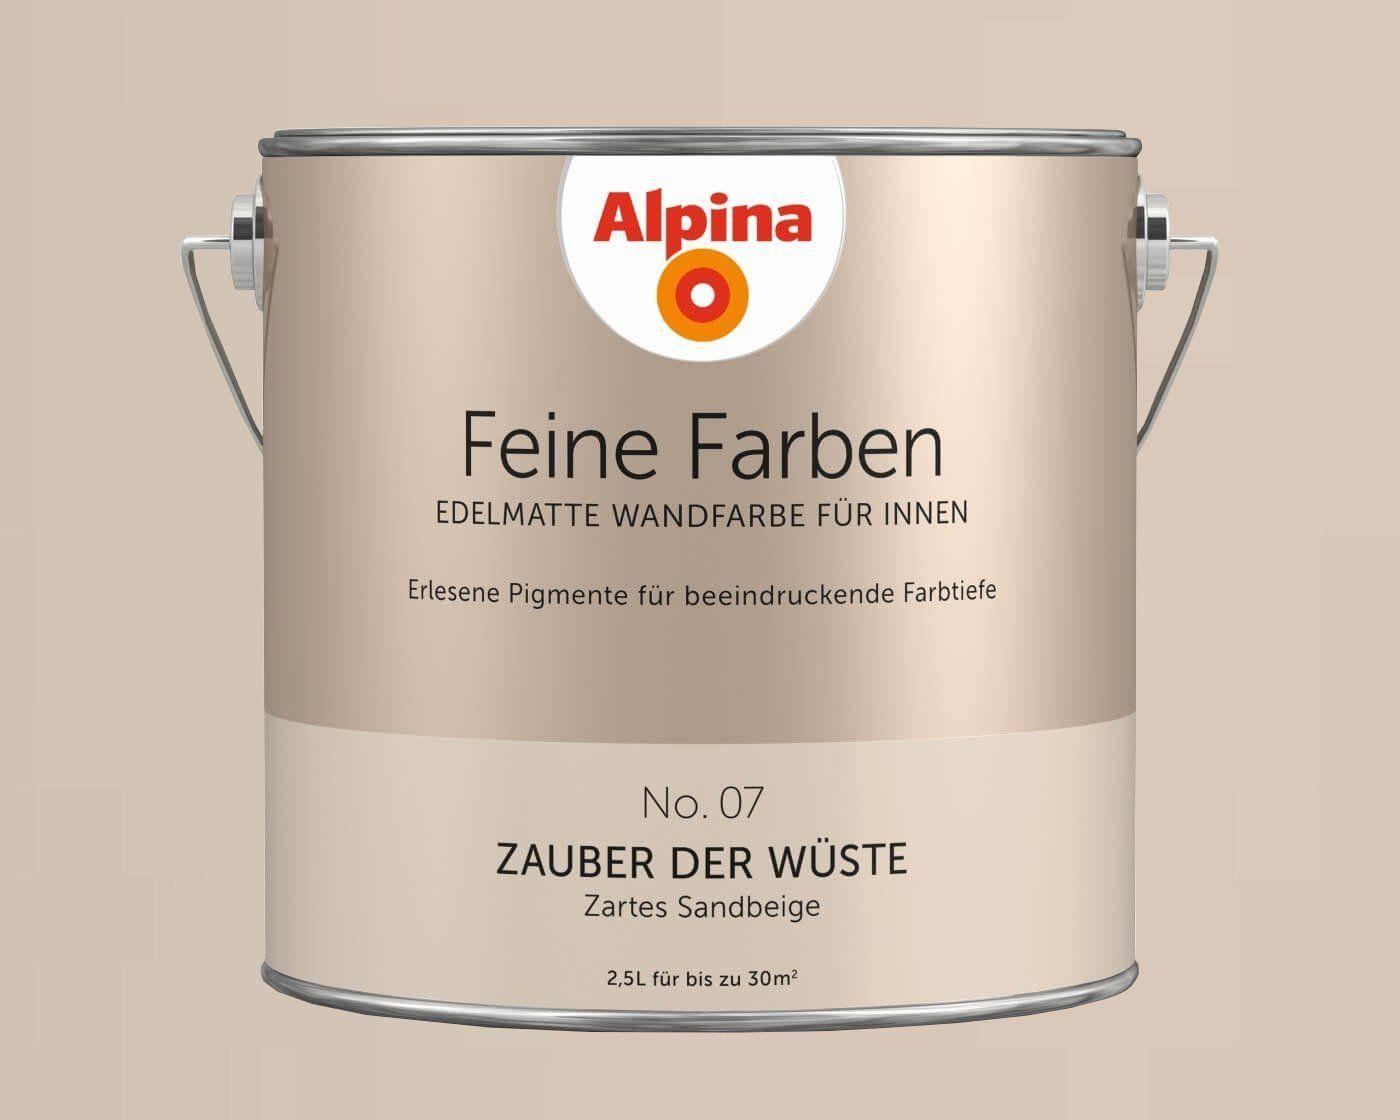 Alpina Feine Farben Edelmatte Wandfarbe Fur Innen Alle Farbtone 2 5l Dose Feine Farben Wandfarbe Feine Farben Alpina